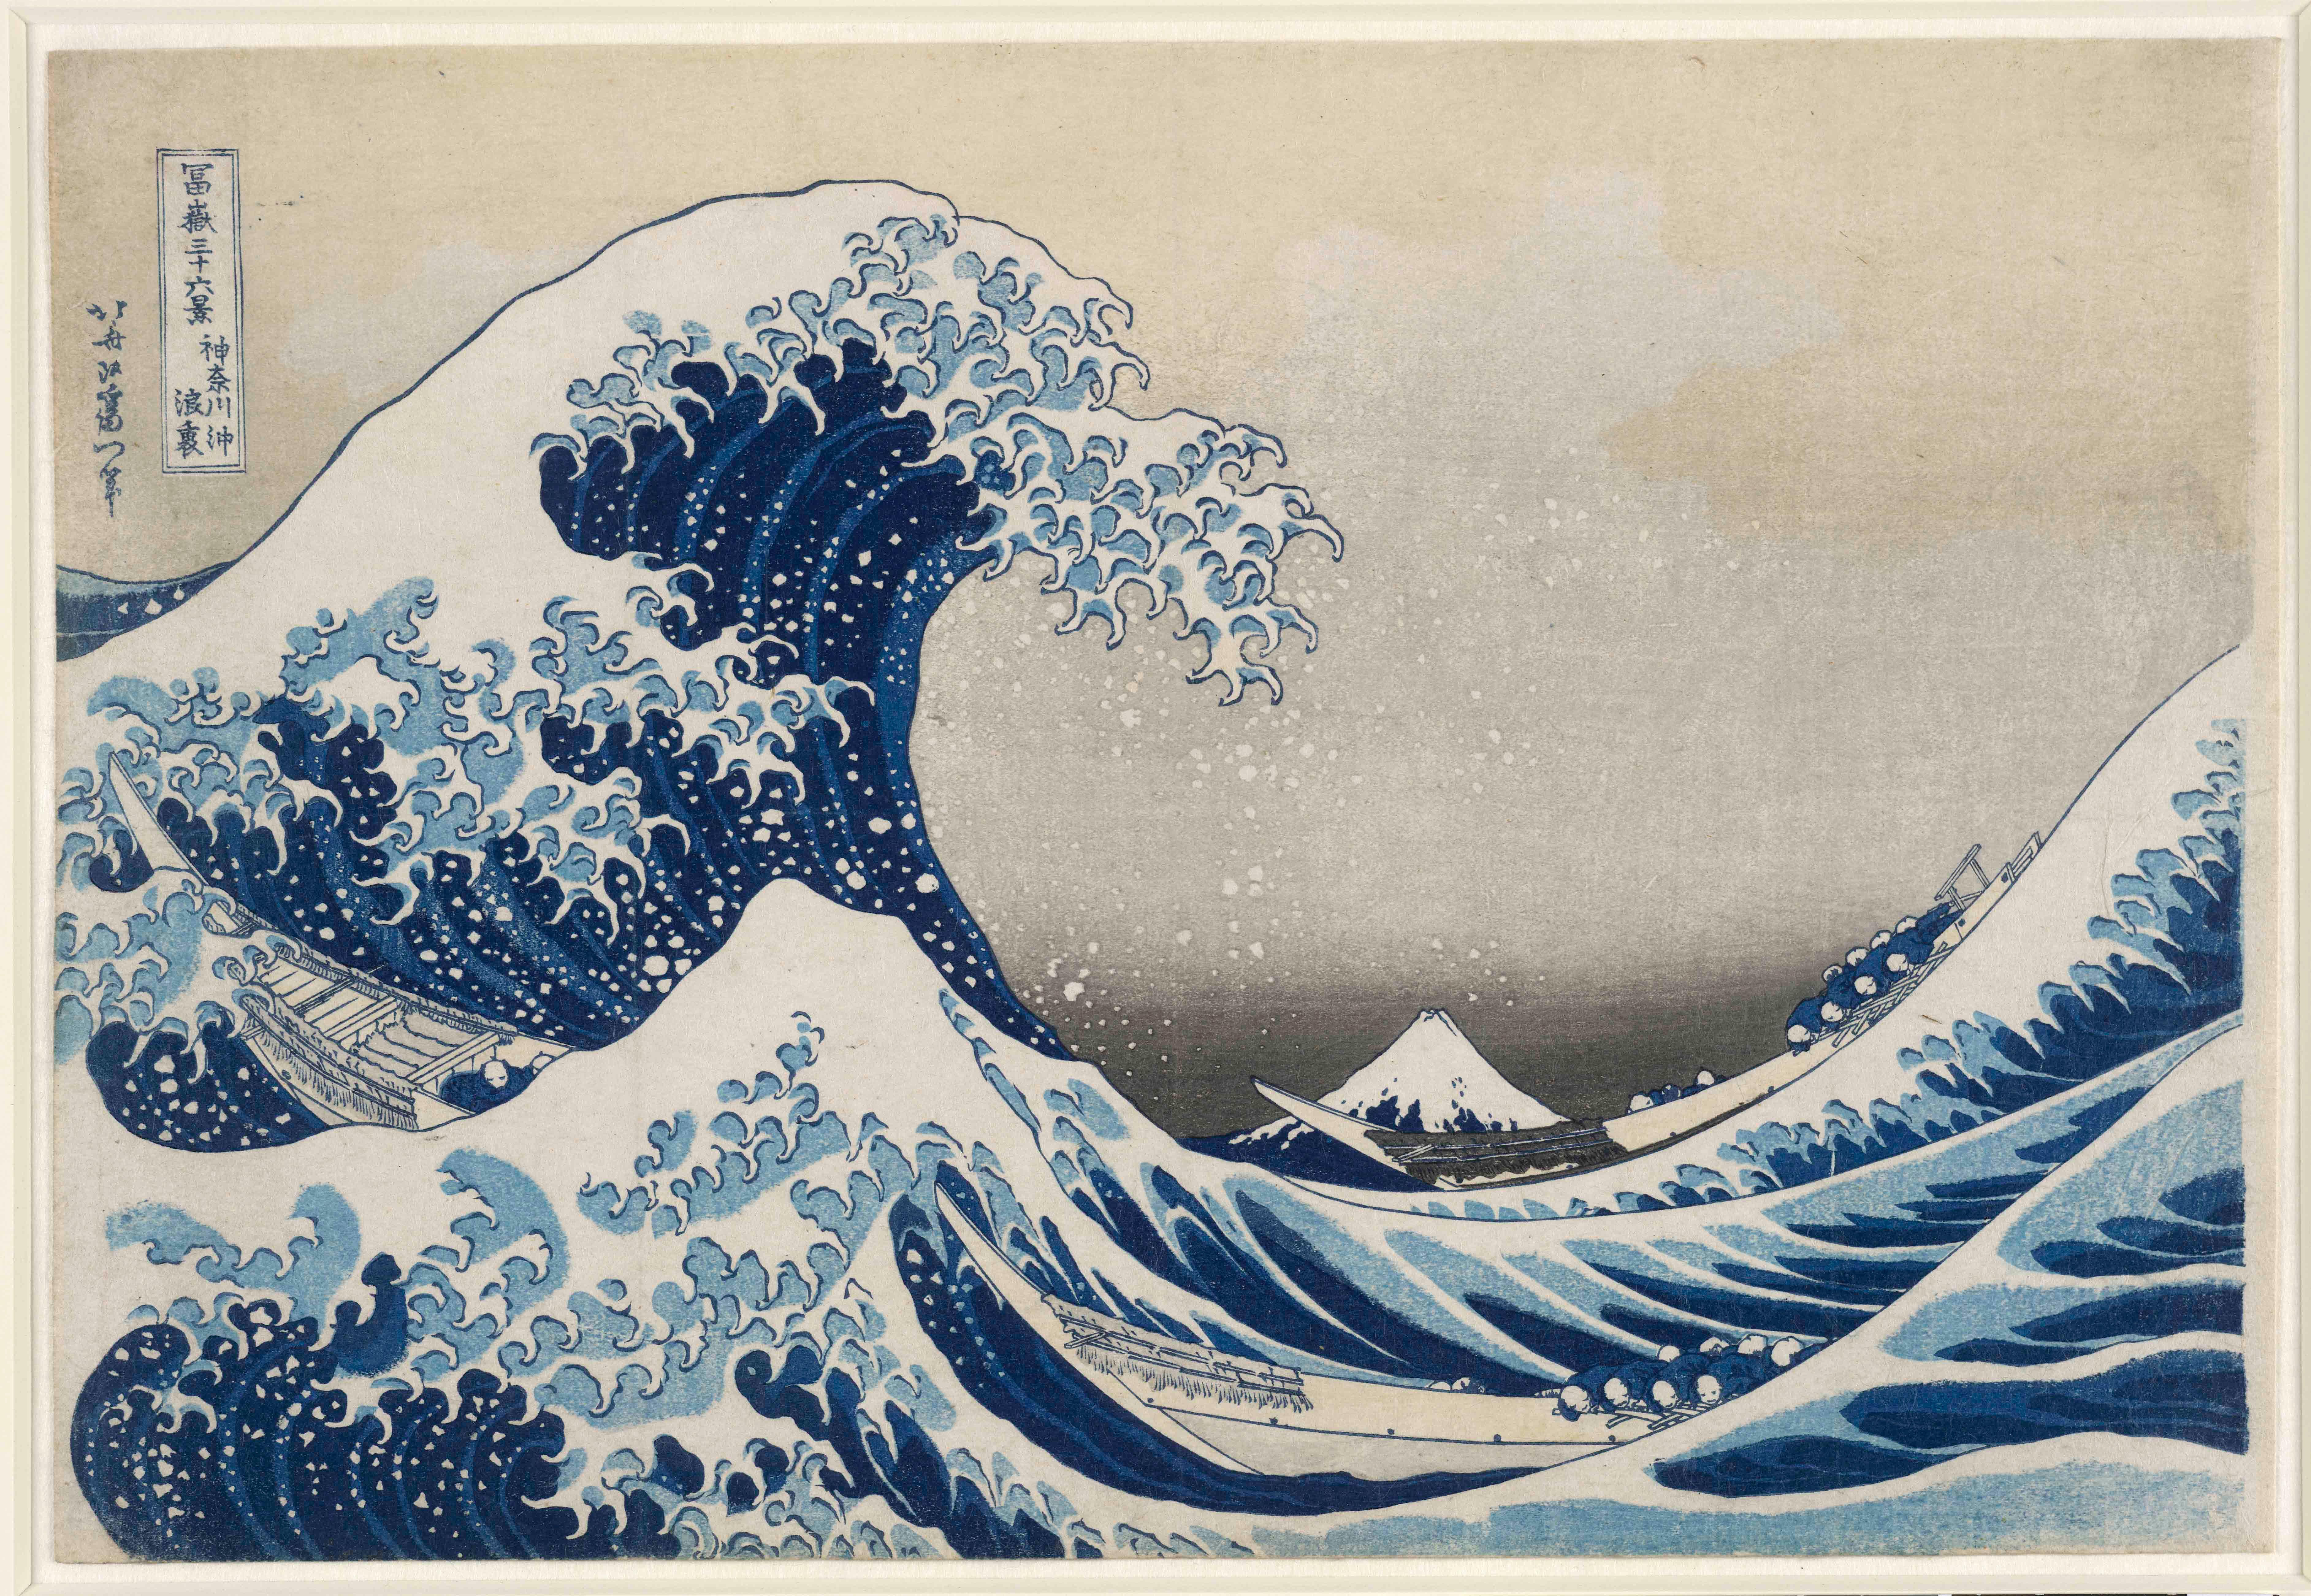 Под волной у Канагавы (Великая волна, 1831) Кацусики Хокусай